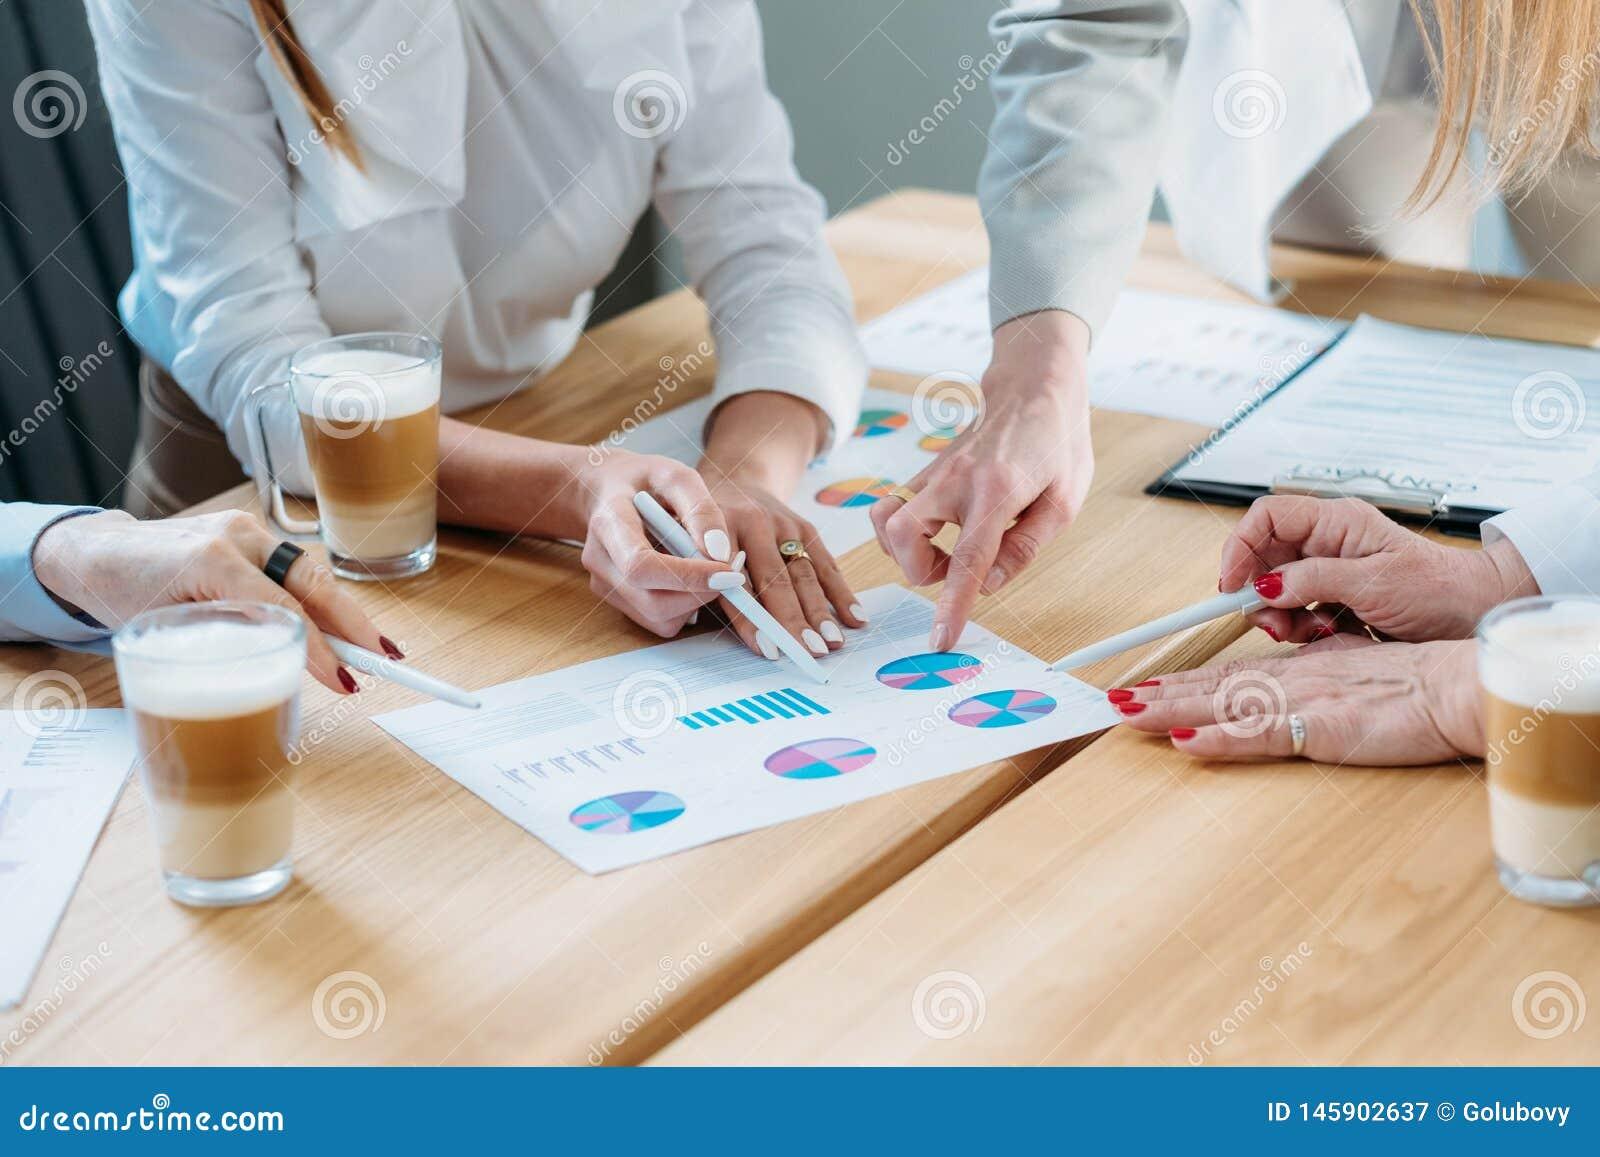 Reunión del desarrollo de proyecto del análisis de negocio